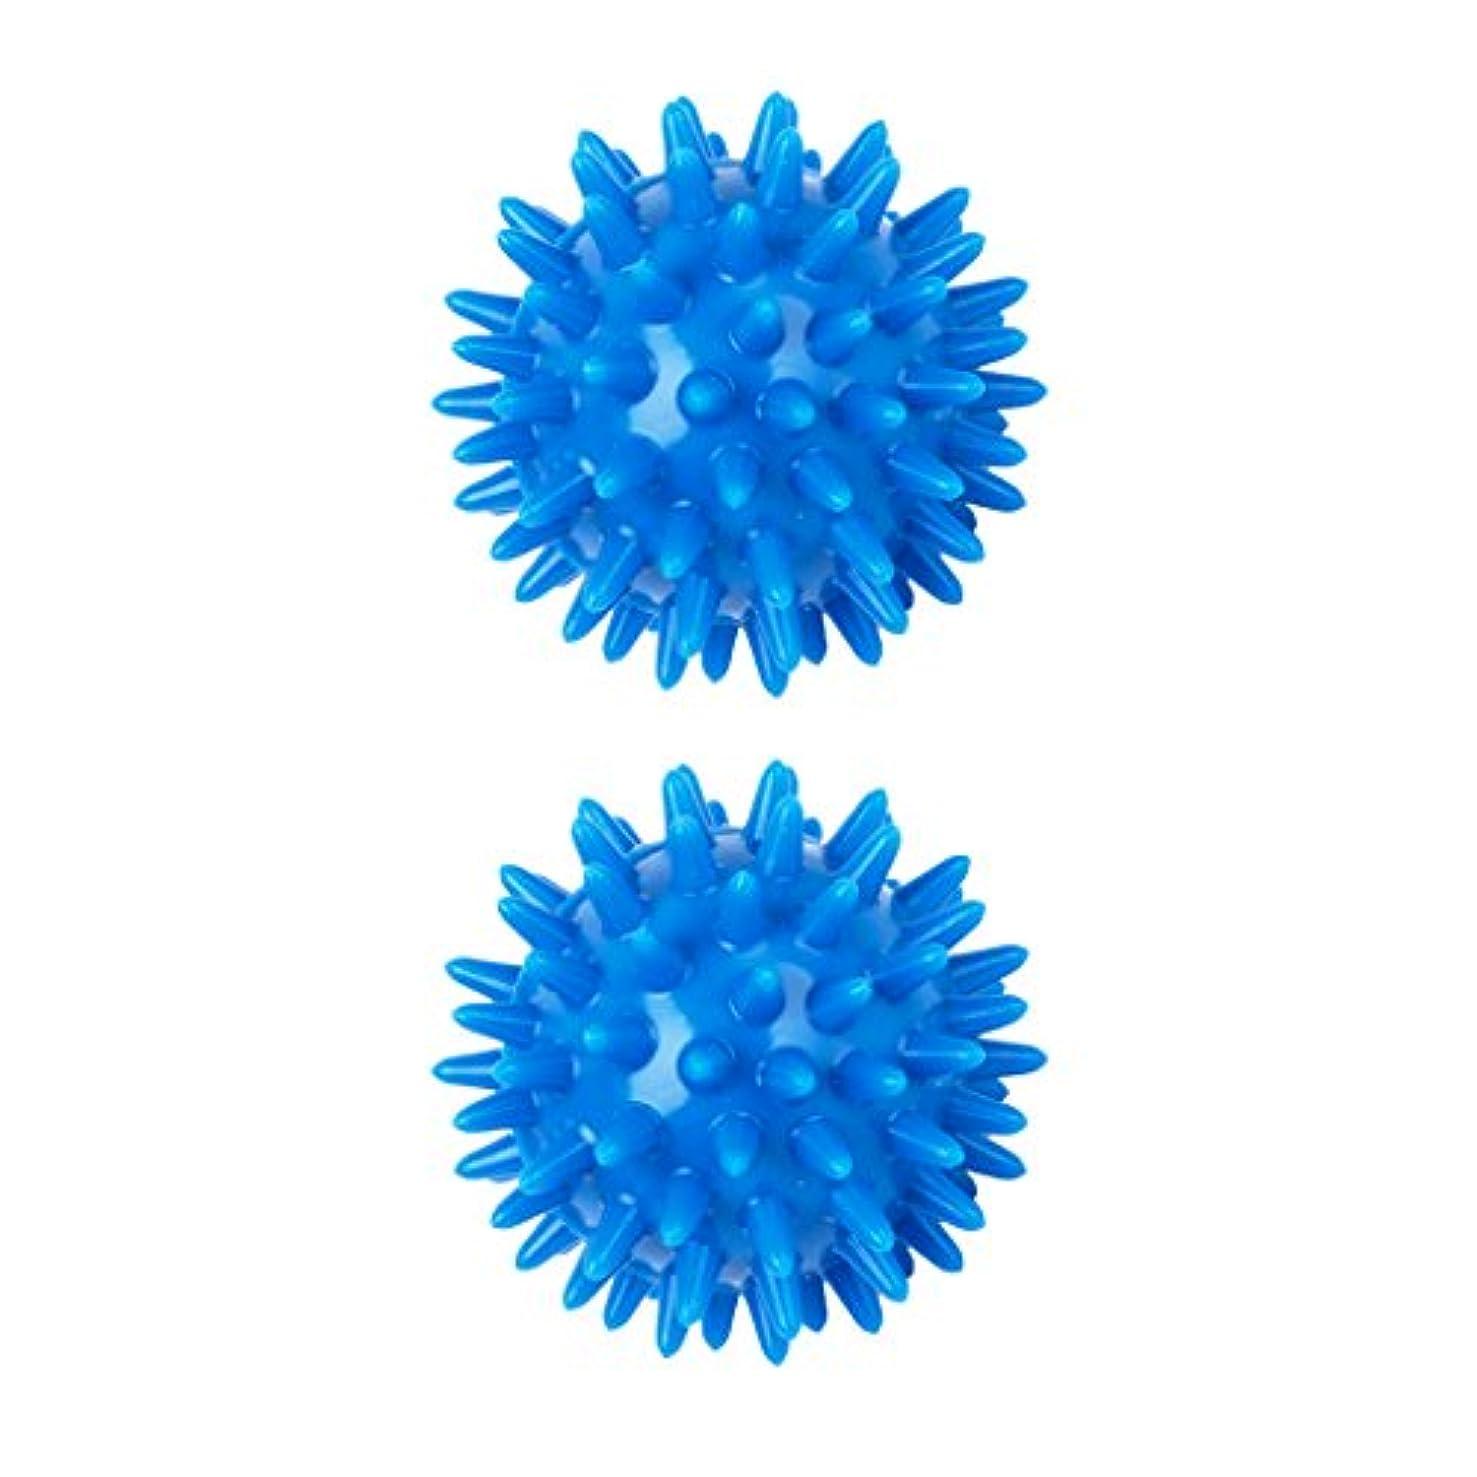 付与取り除く満了sharprepublic 2個 足 足首 背中 マッサージボール 筋肉緊張和らげ 血液循環促進 5.5cm PVC製 ブルー